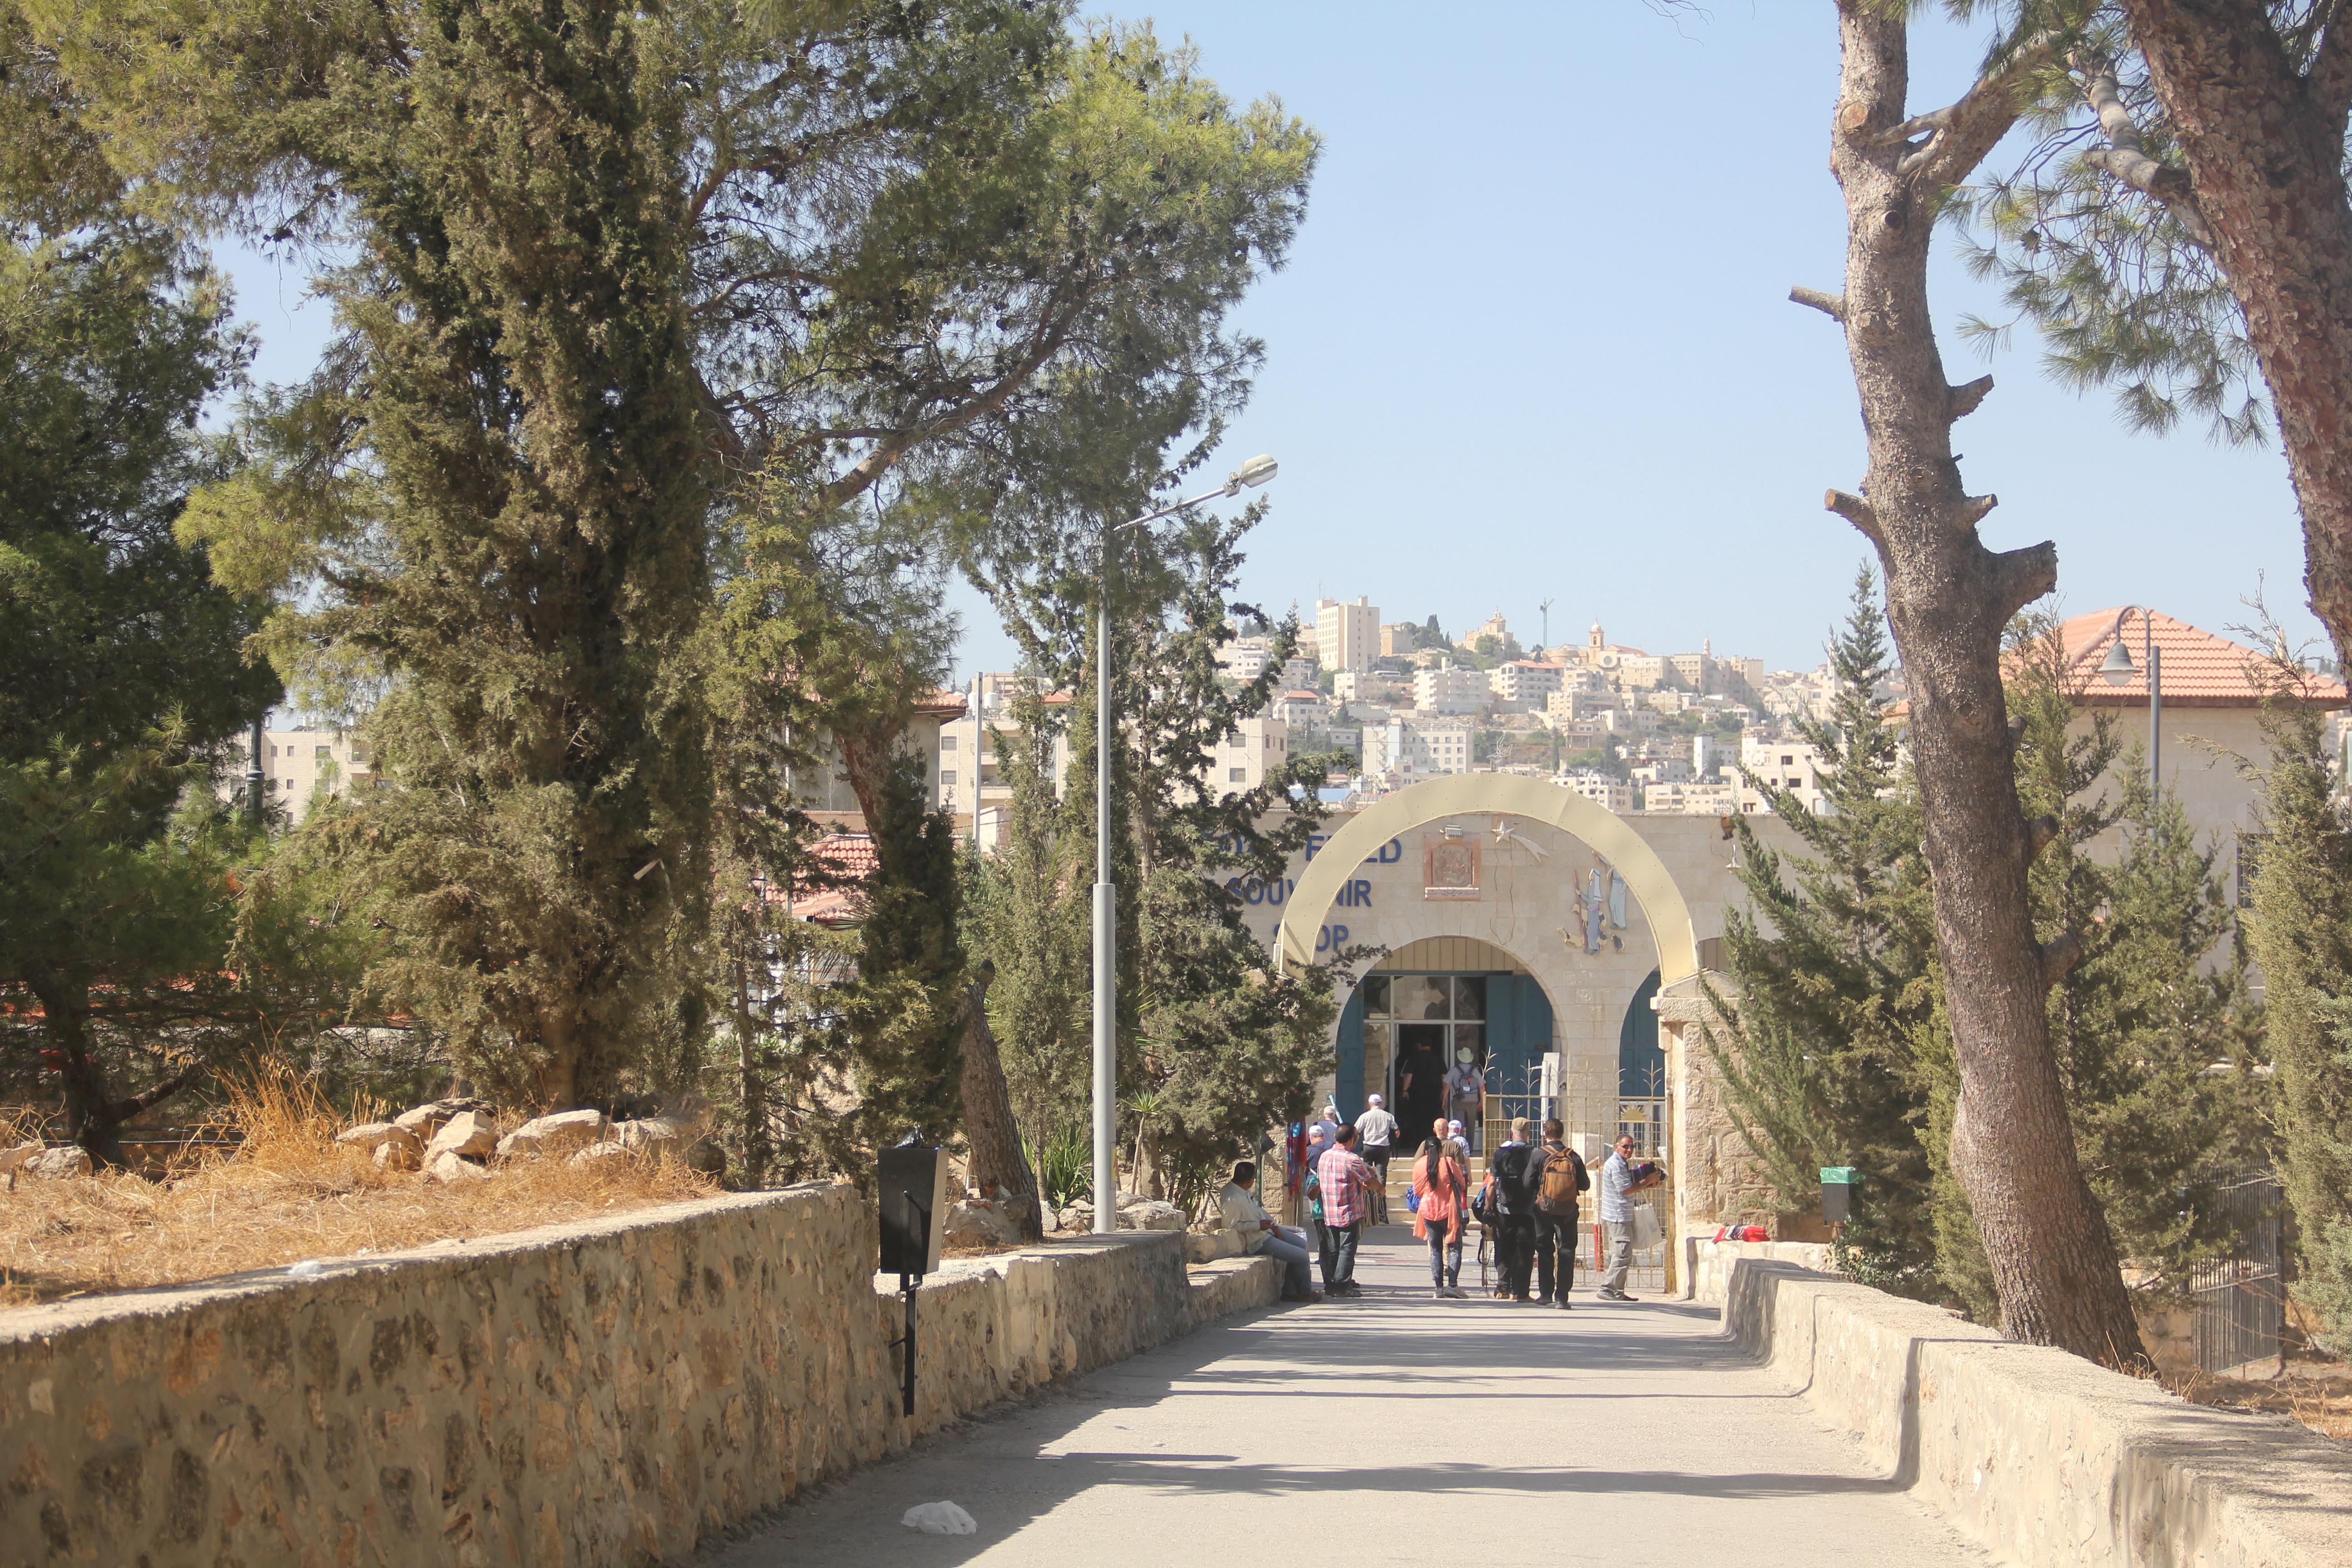 【伯利恆曠野】這是天使向牧羊人報彌賽亞降生喜訊的地方001